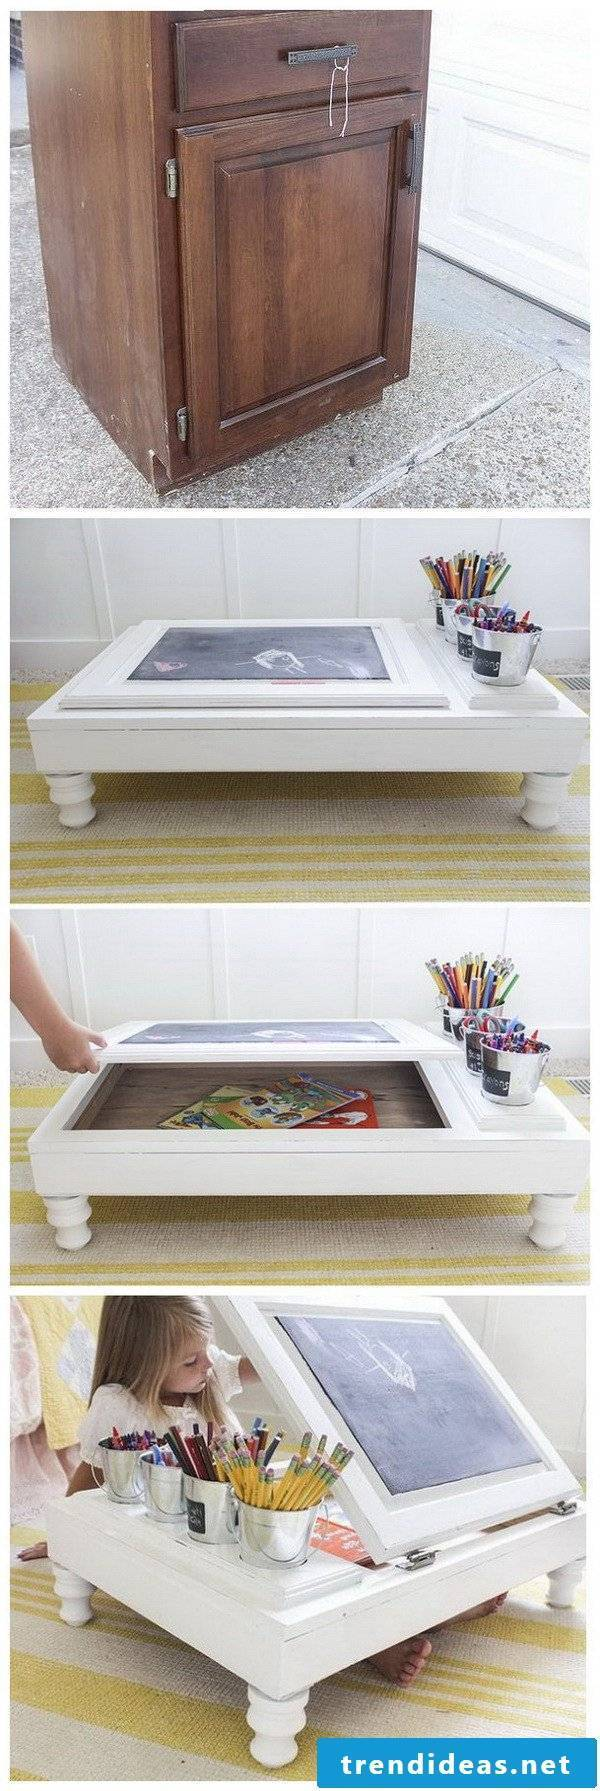 DIY DIY ideas with old cabinet